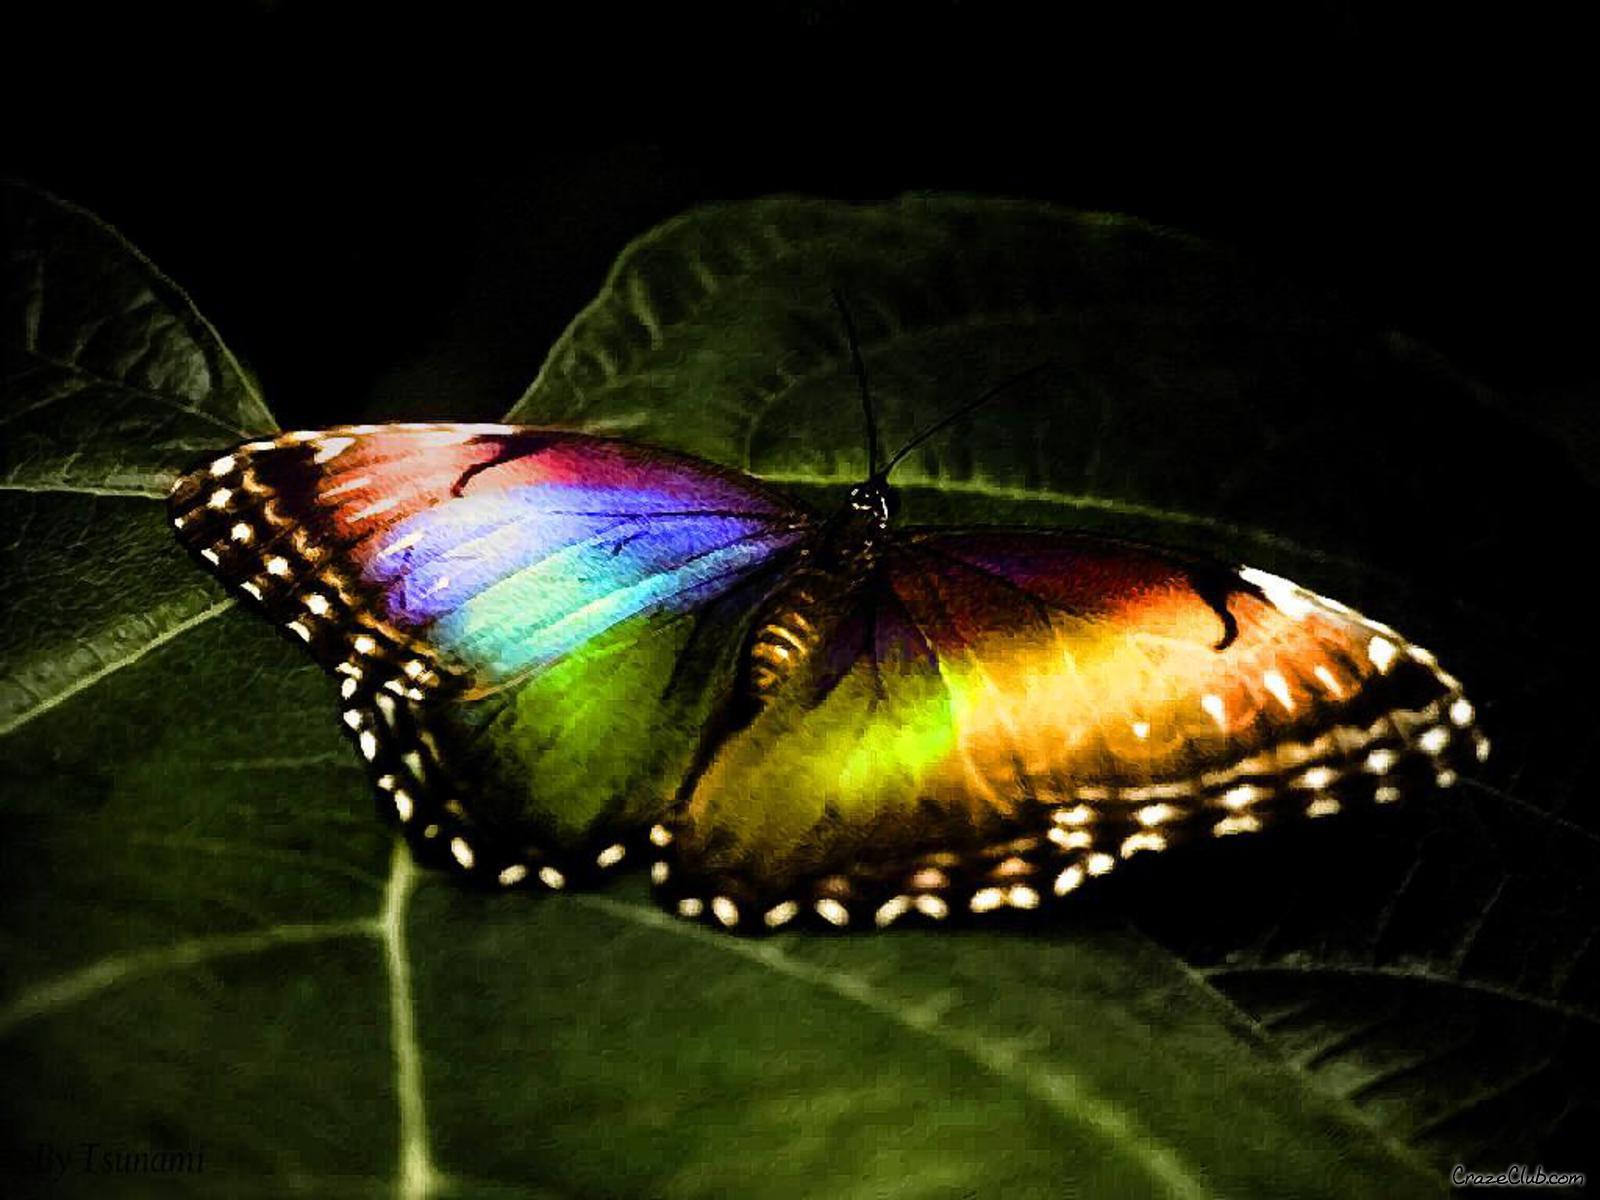 Enjoy: Butterfly Beautiful Wallpapers